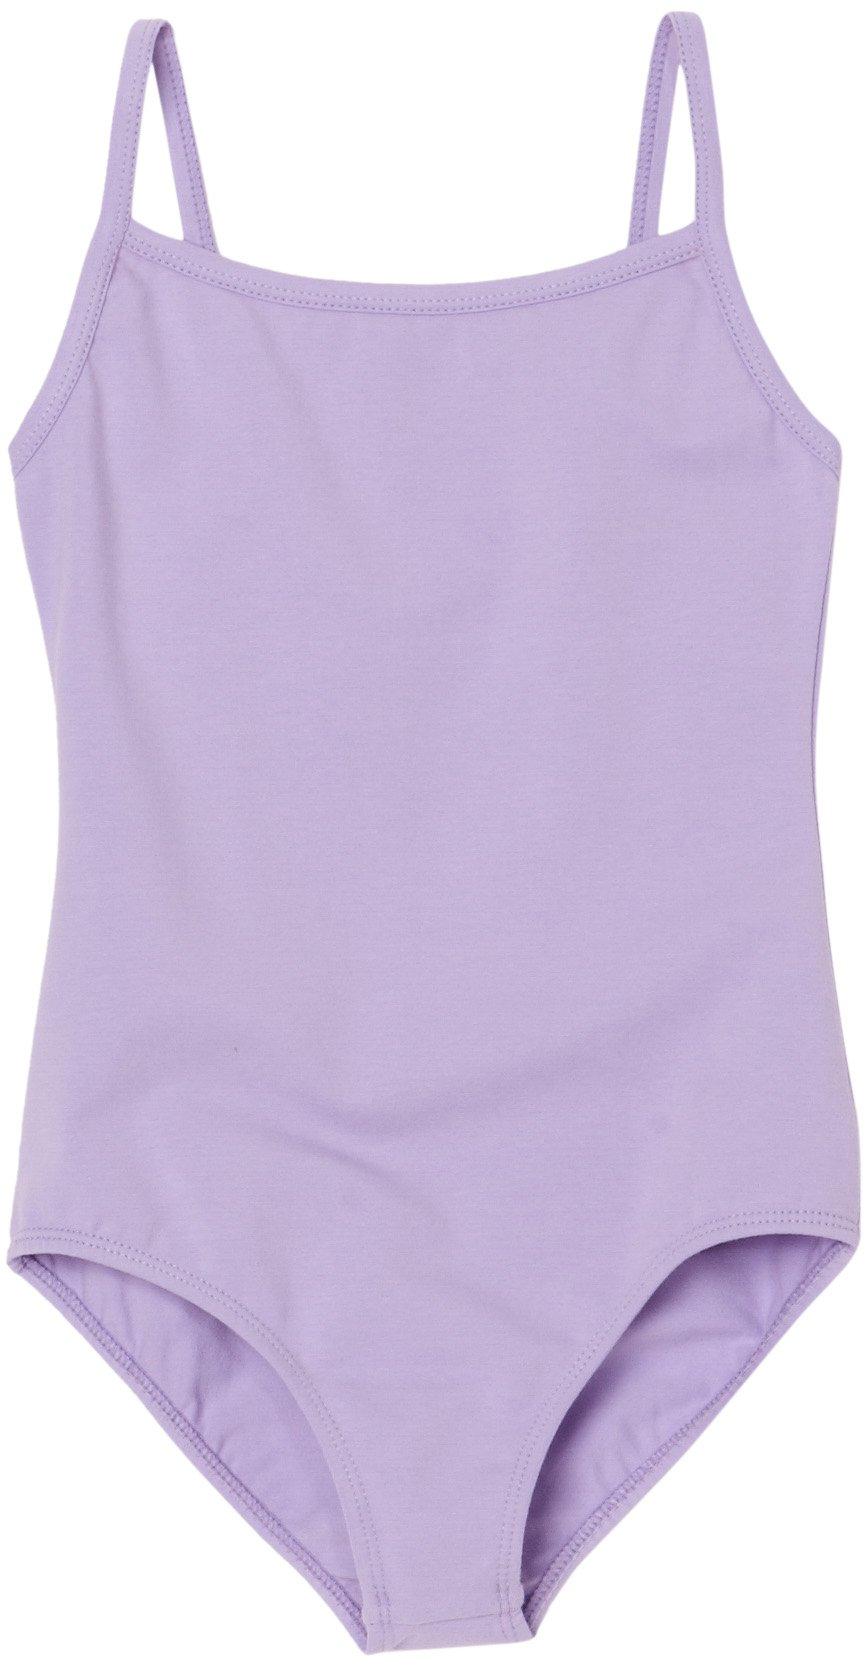 Sansha Little Girls' Stacie Camisole Leotard, Lavender, Toddler 2-4